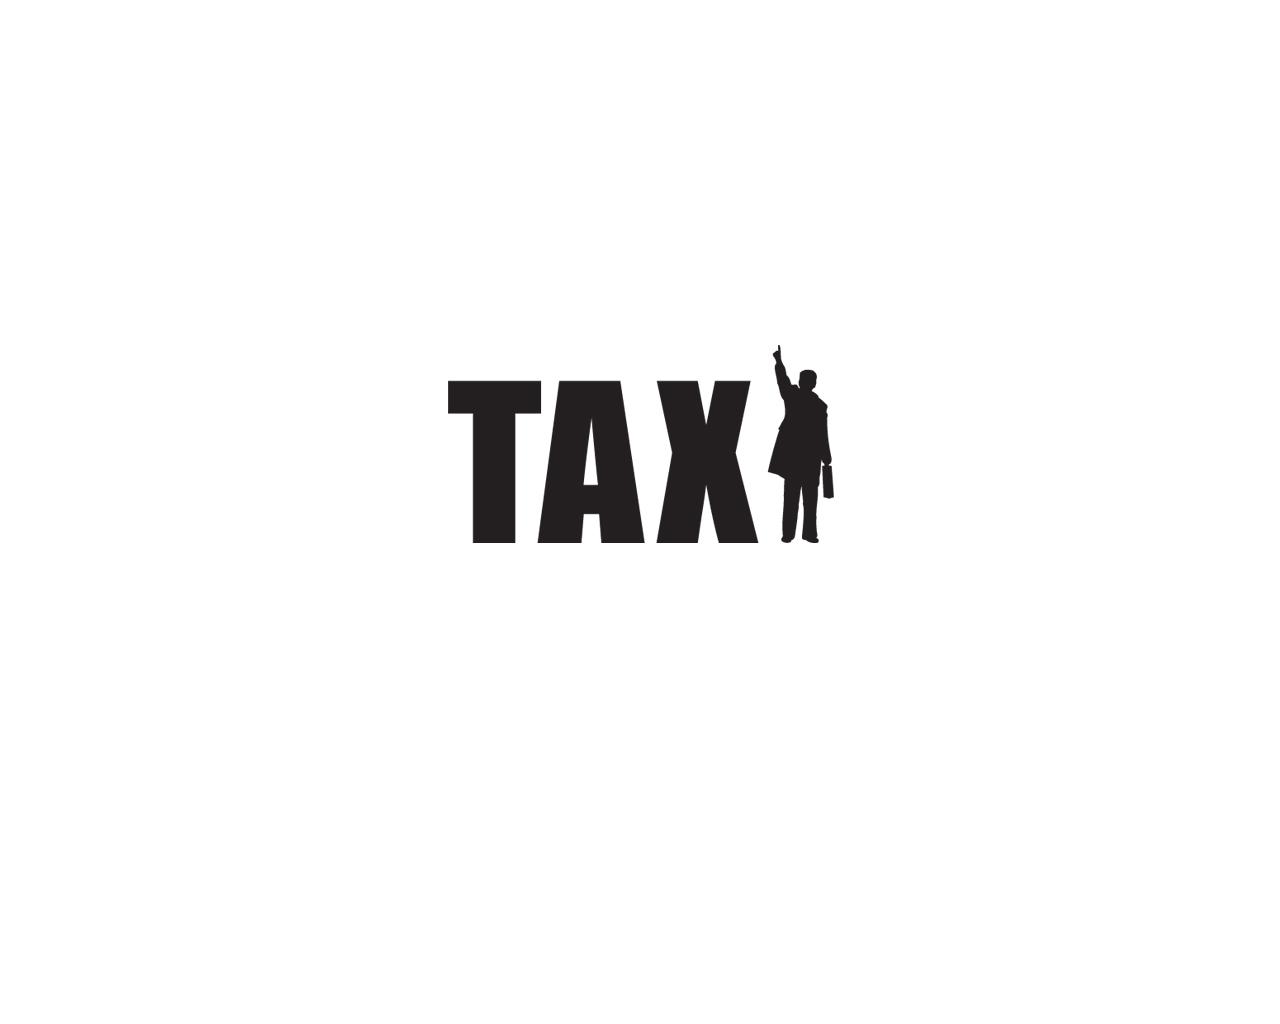 TAXI_LOGO_SPARK.jpg